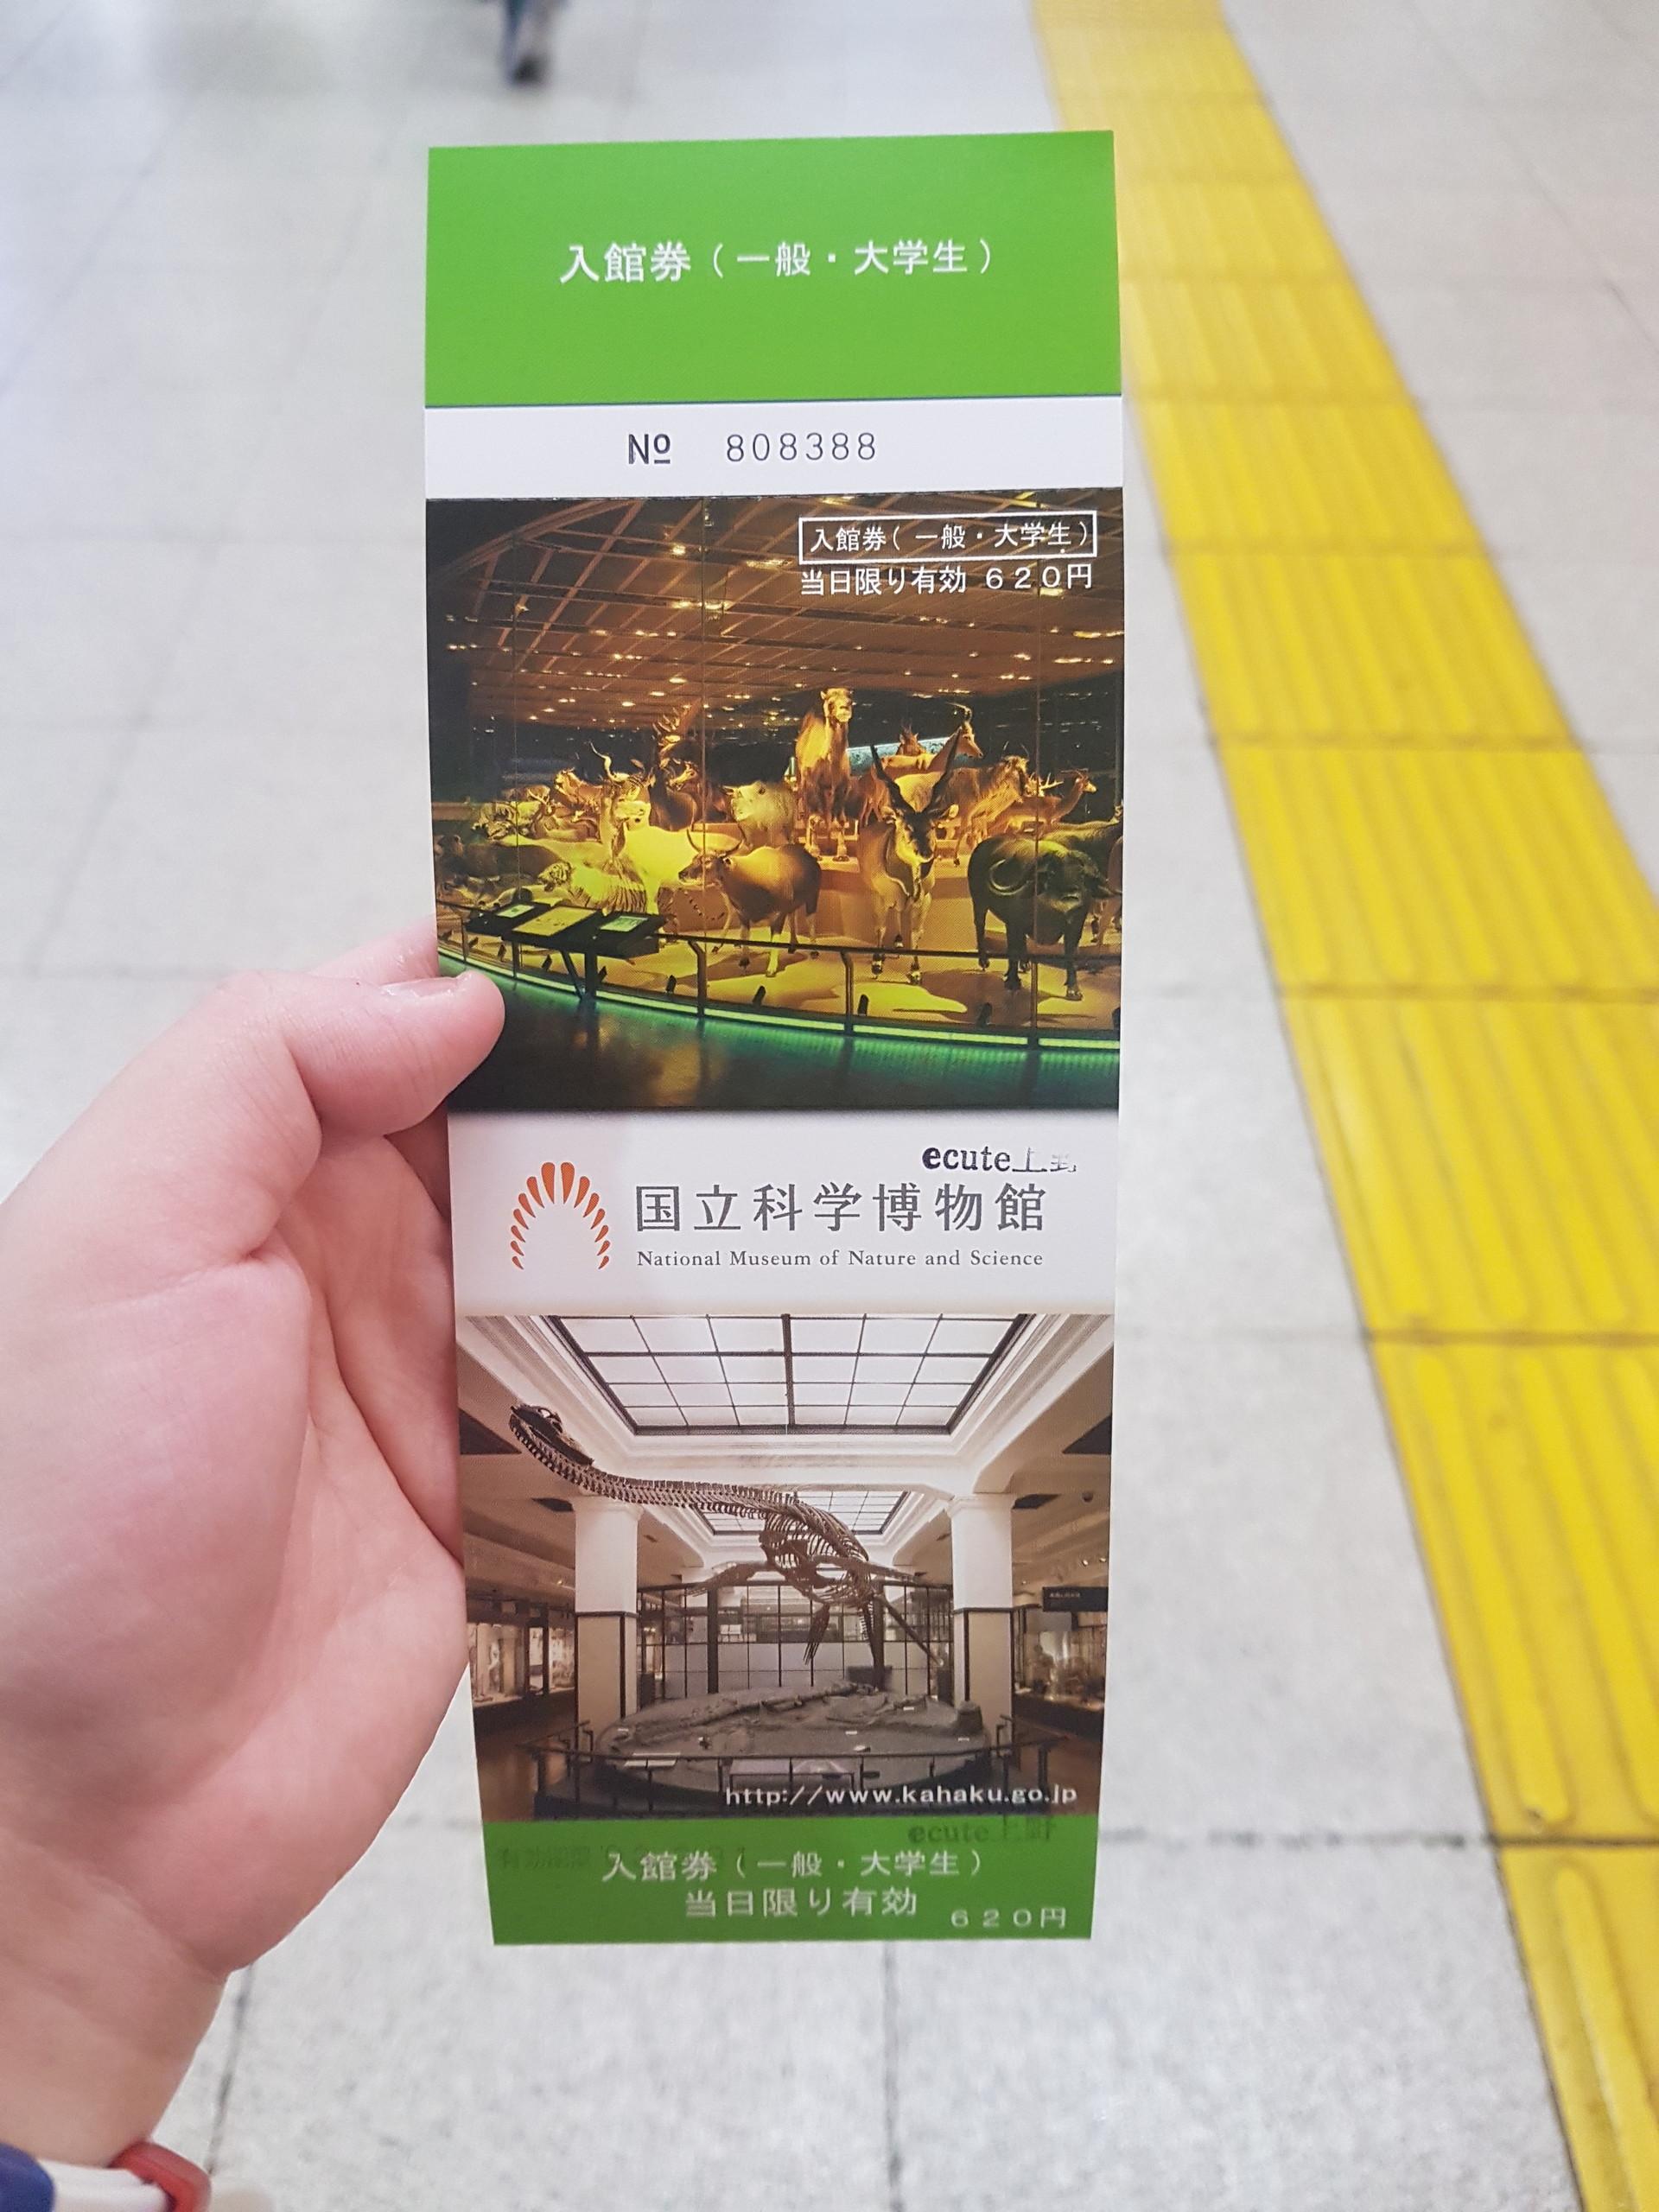 geeking-tokyo-national-museum-science-7e